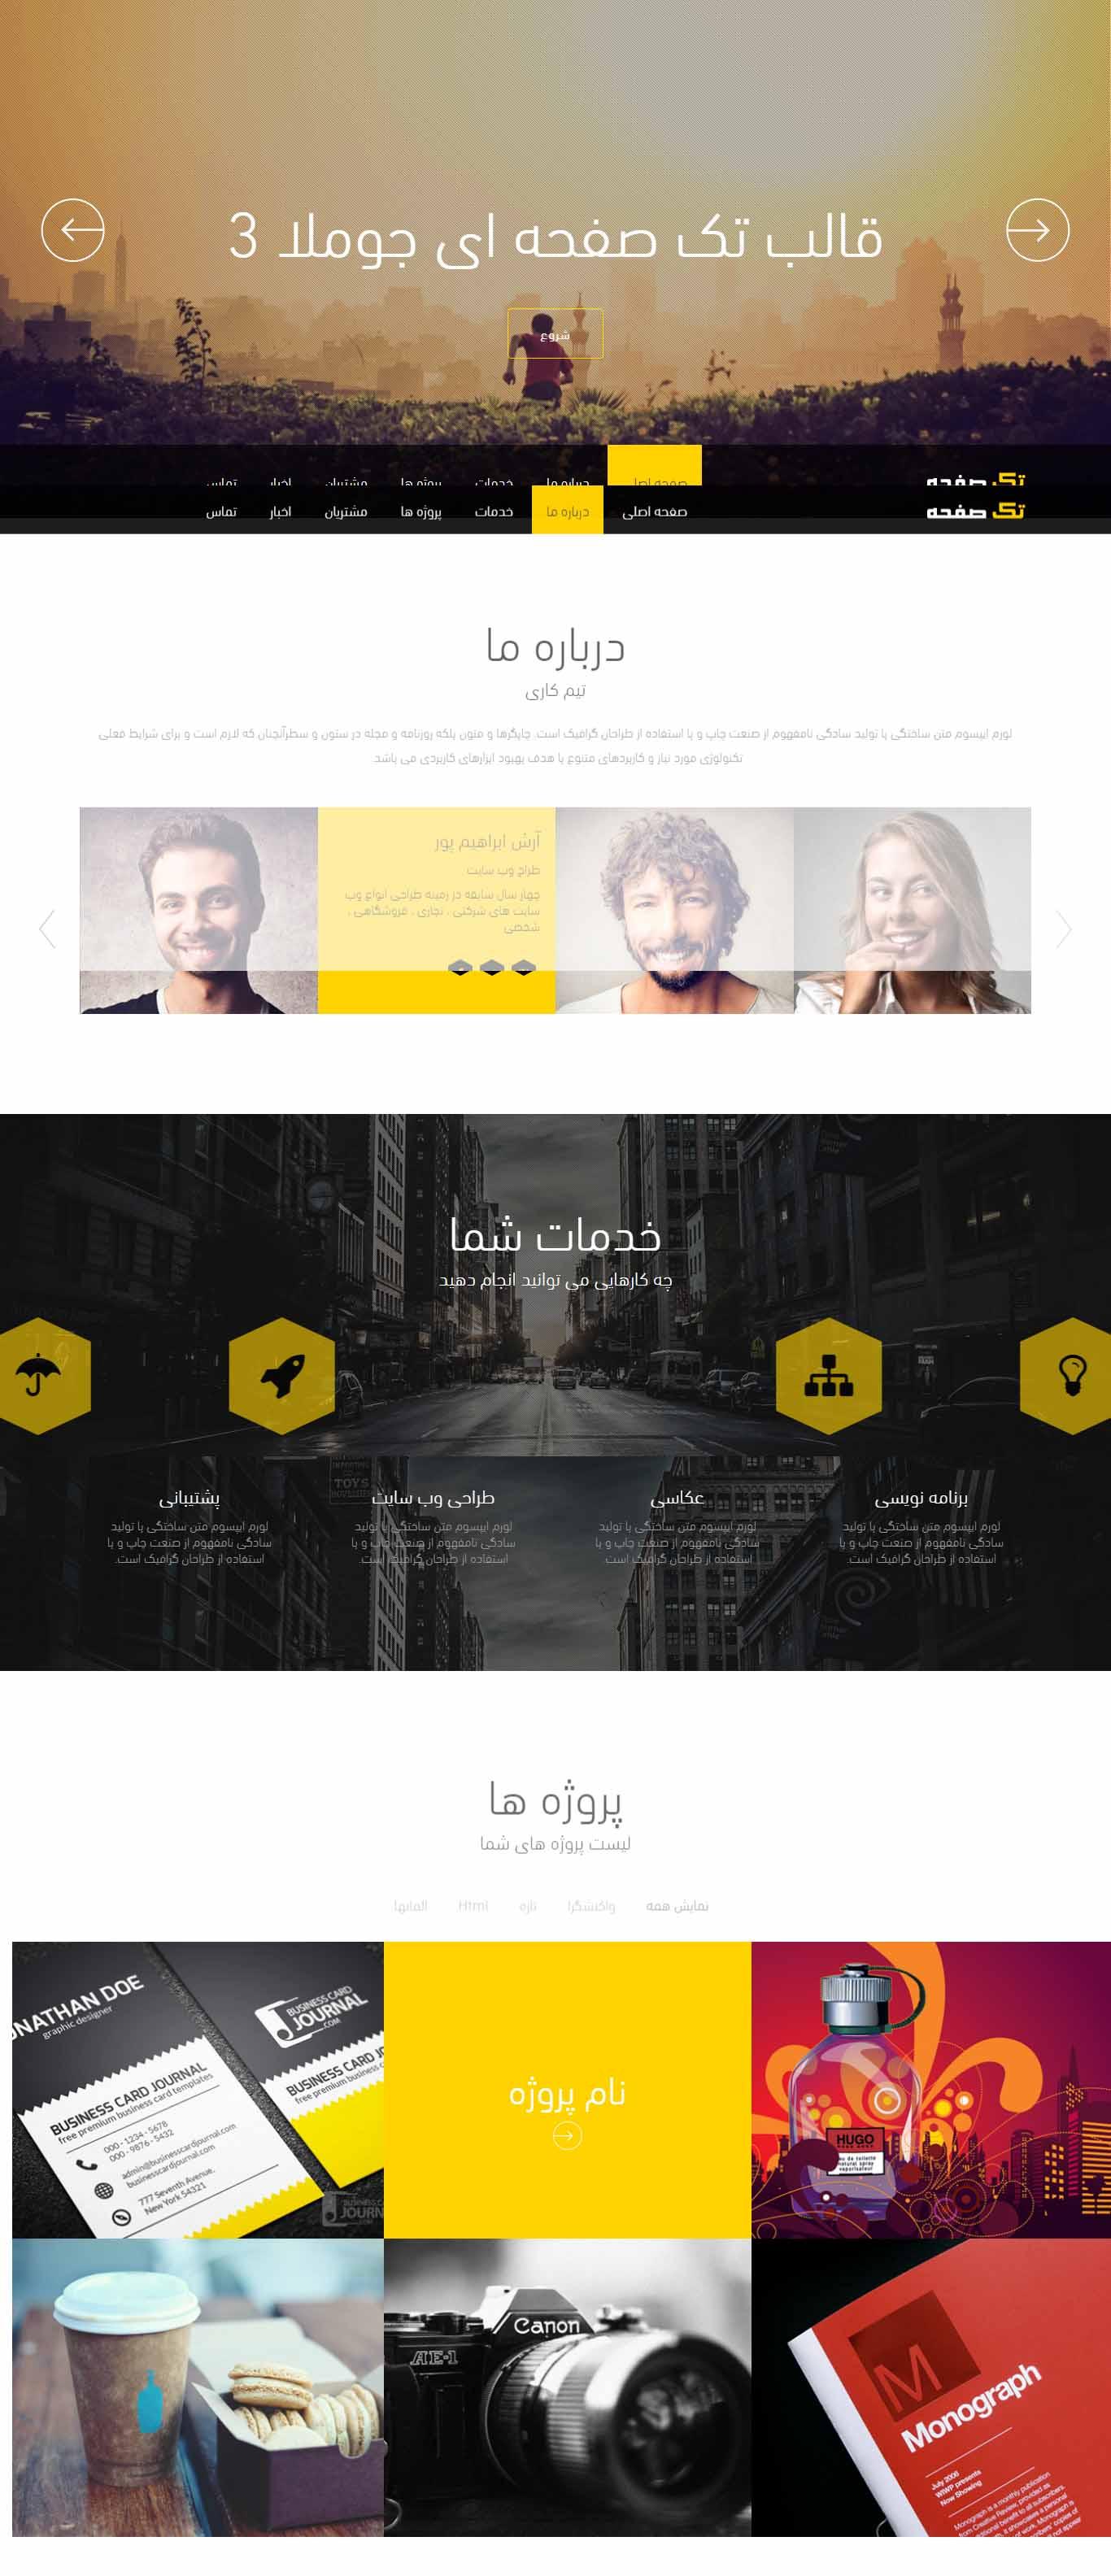 قالب تک صفحه ای جوملا 3 | قالب تک صفحه ای فارسی جوملا | قالب JS OnePage